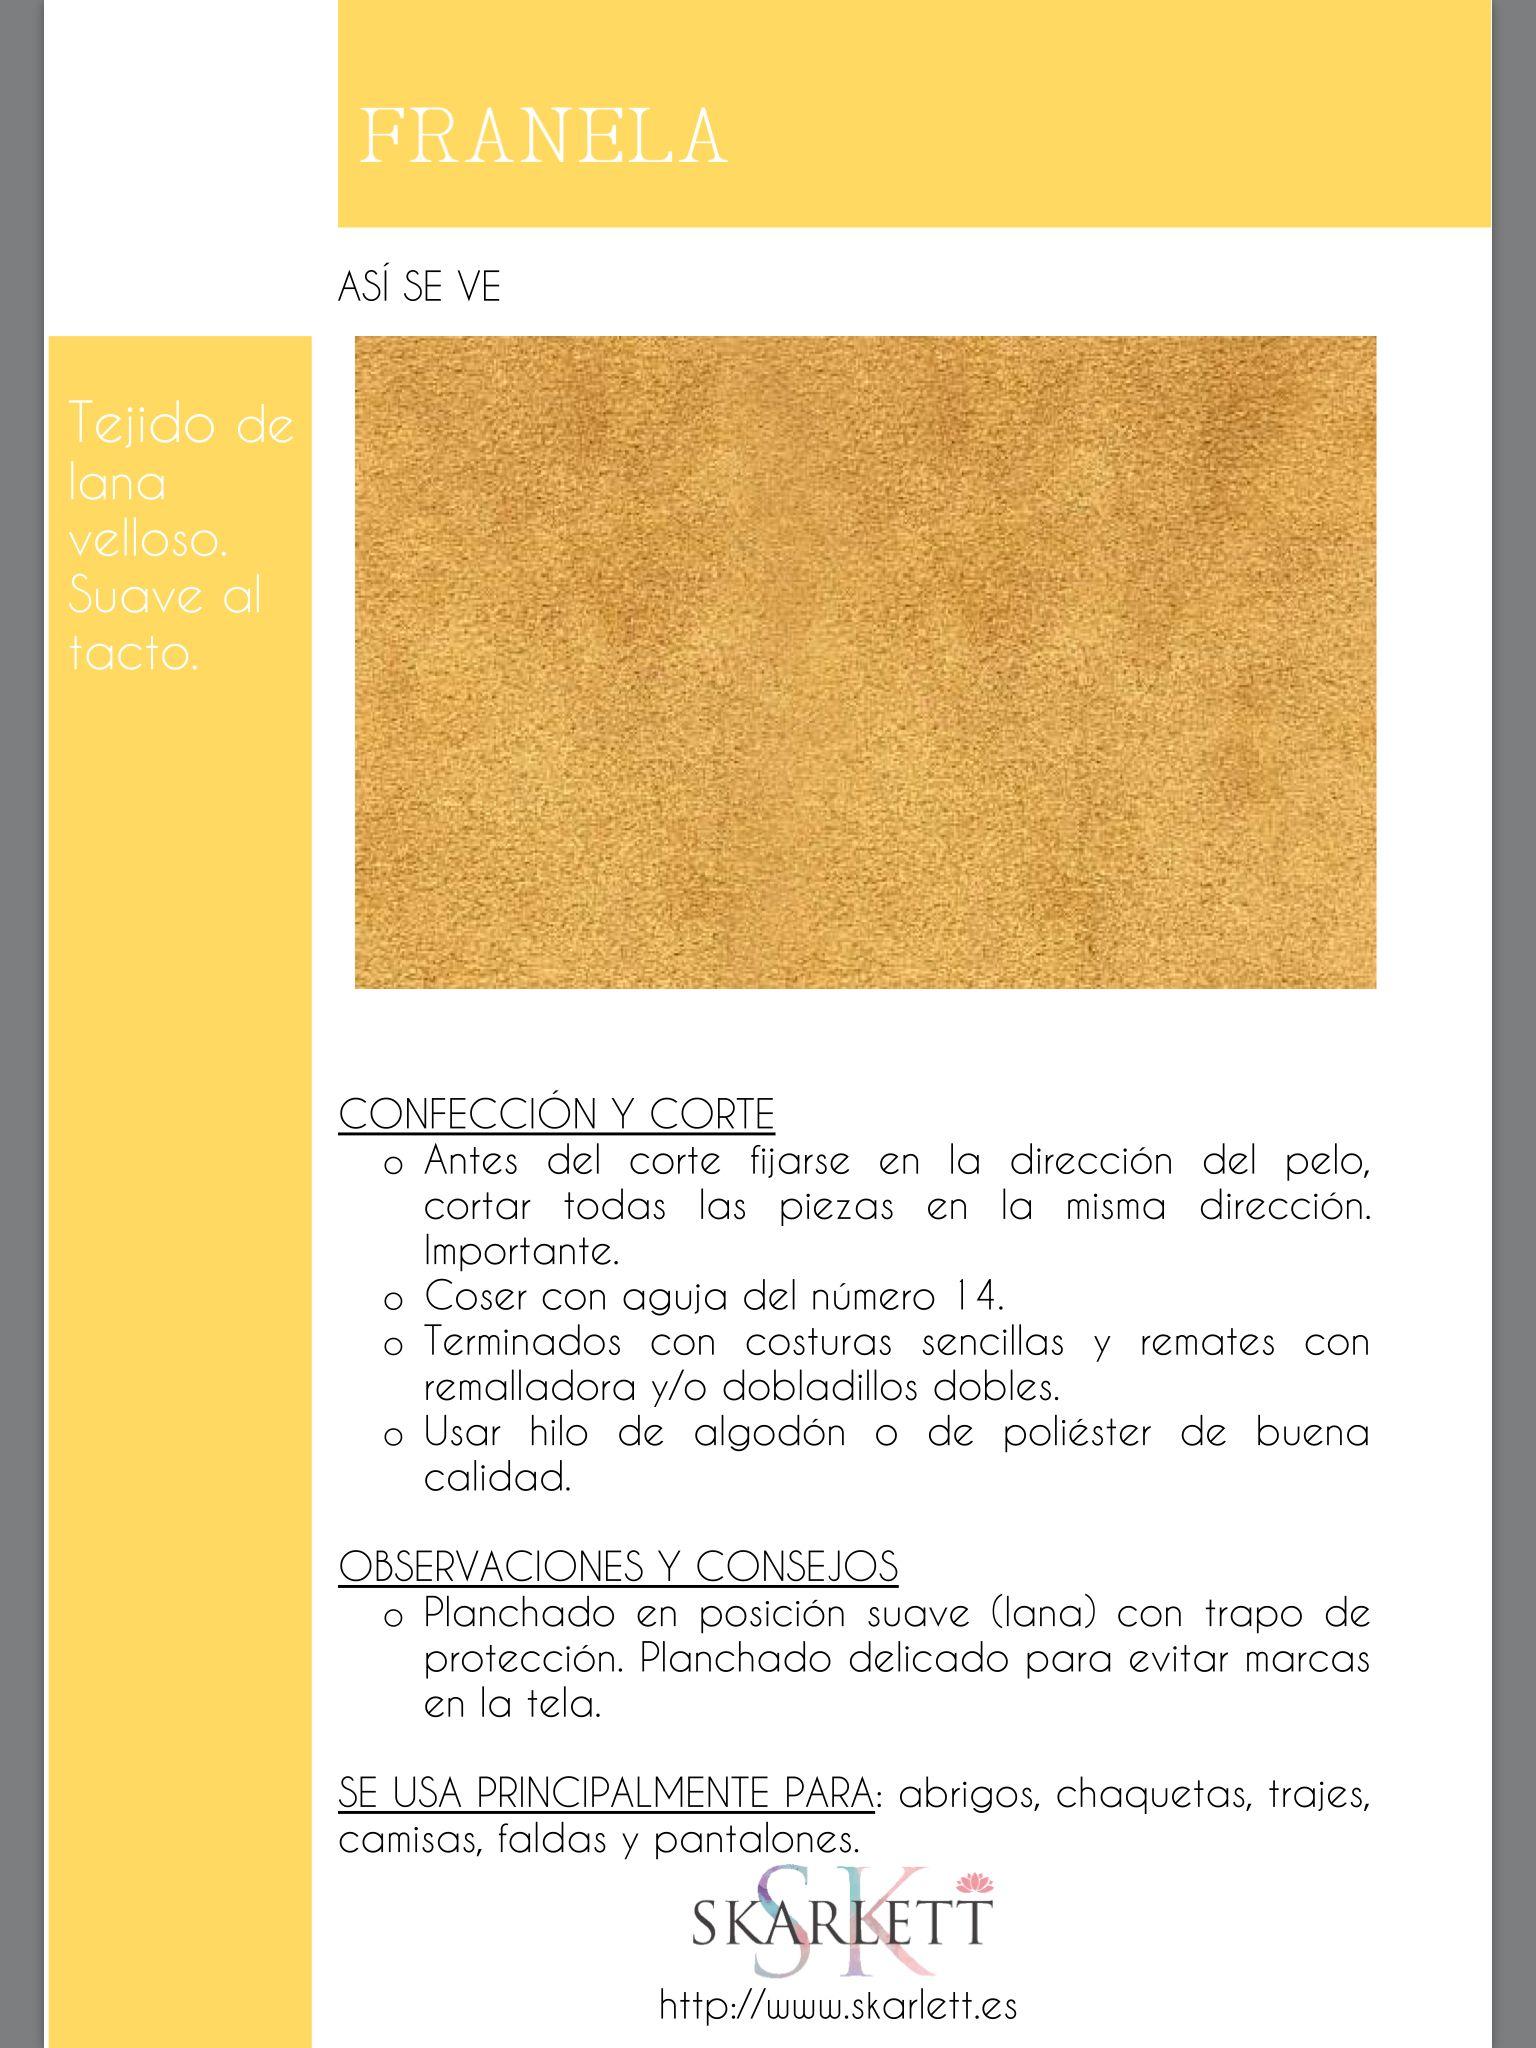 El dossier de las telas Skarlett | confeccion | Pinterest | Tela ...